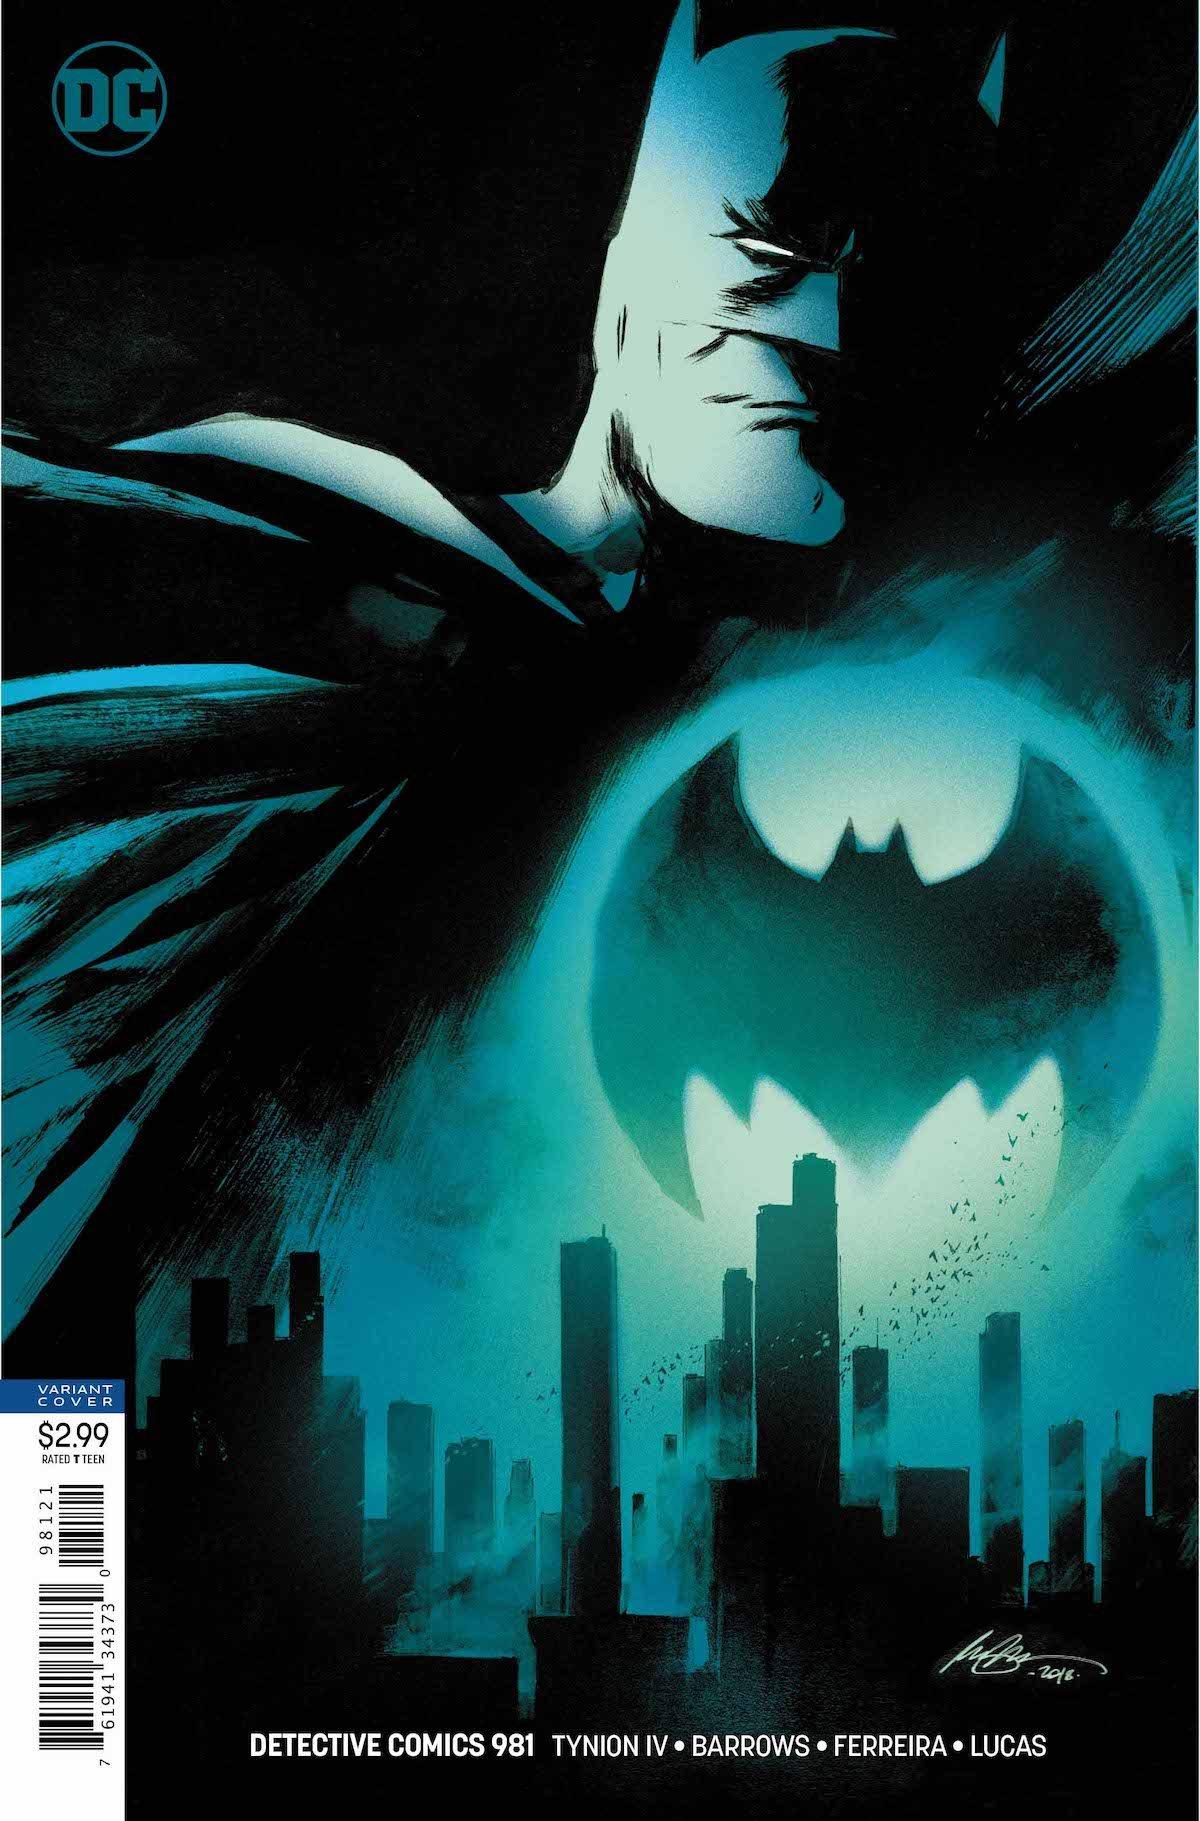 Detective Comics #981 variant cover